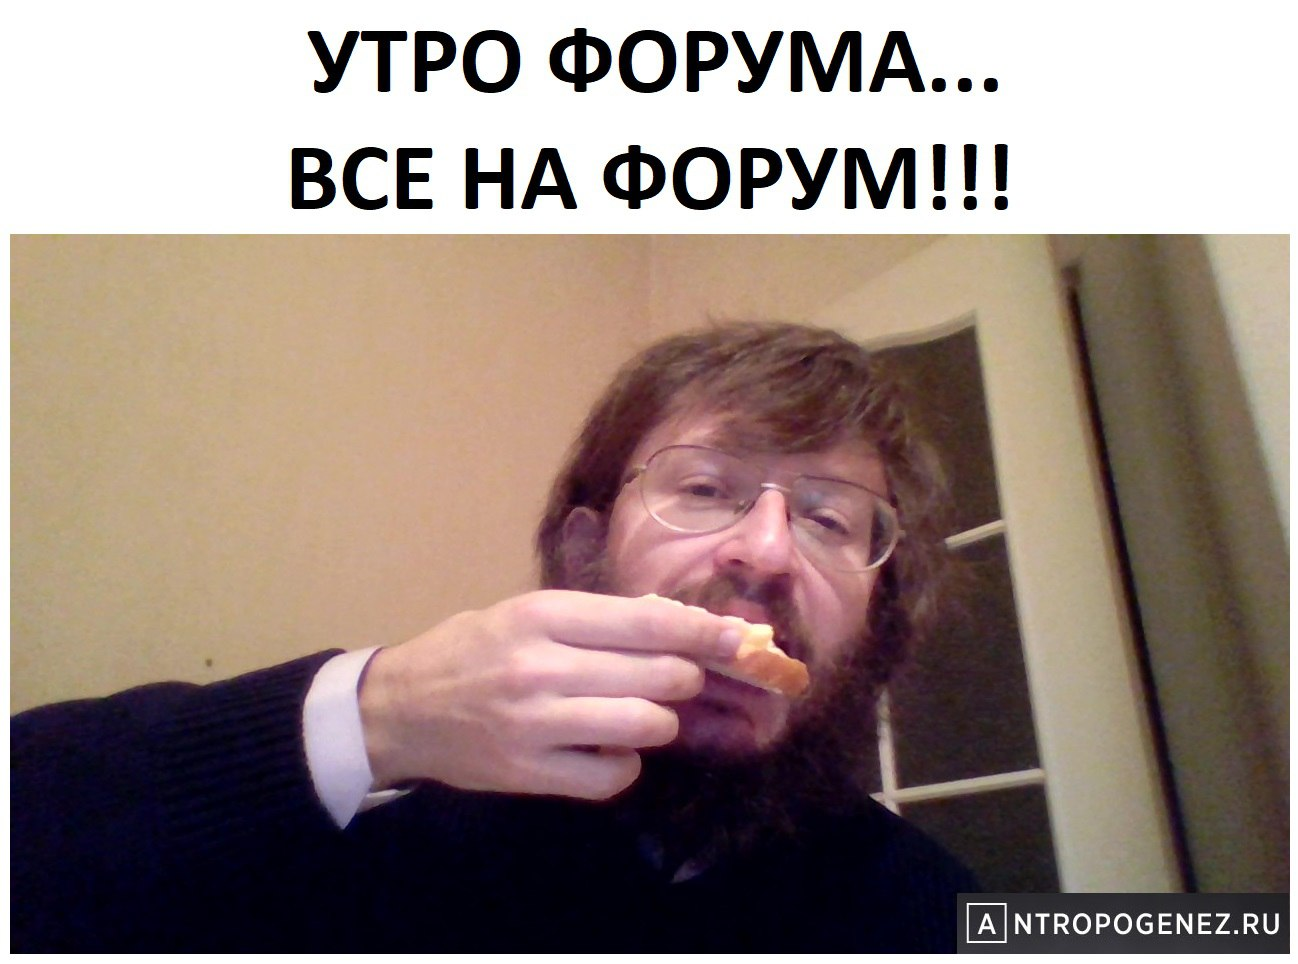 Станислав Дробышевский: биография, личная жизнь, жена, дети